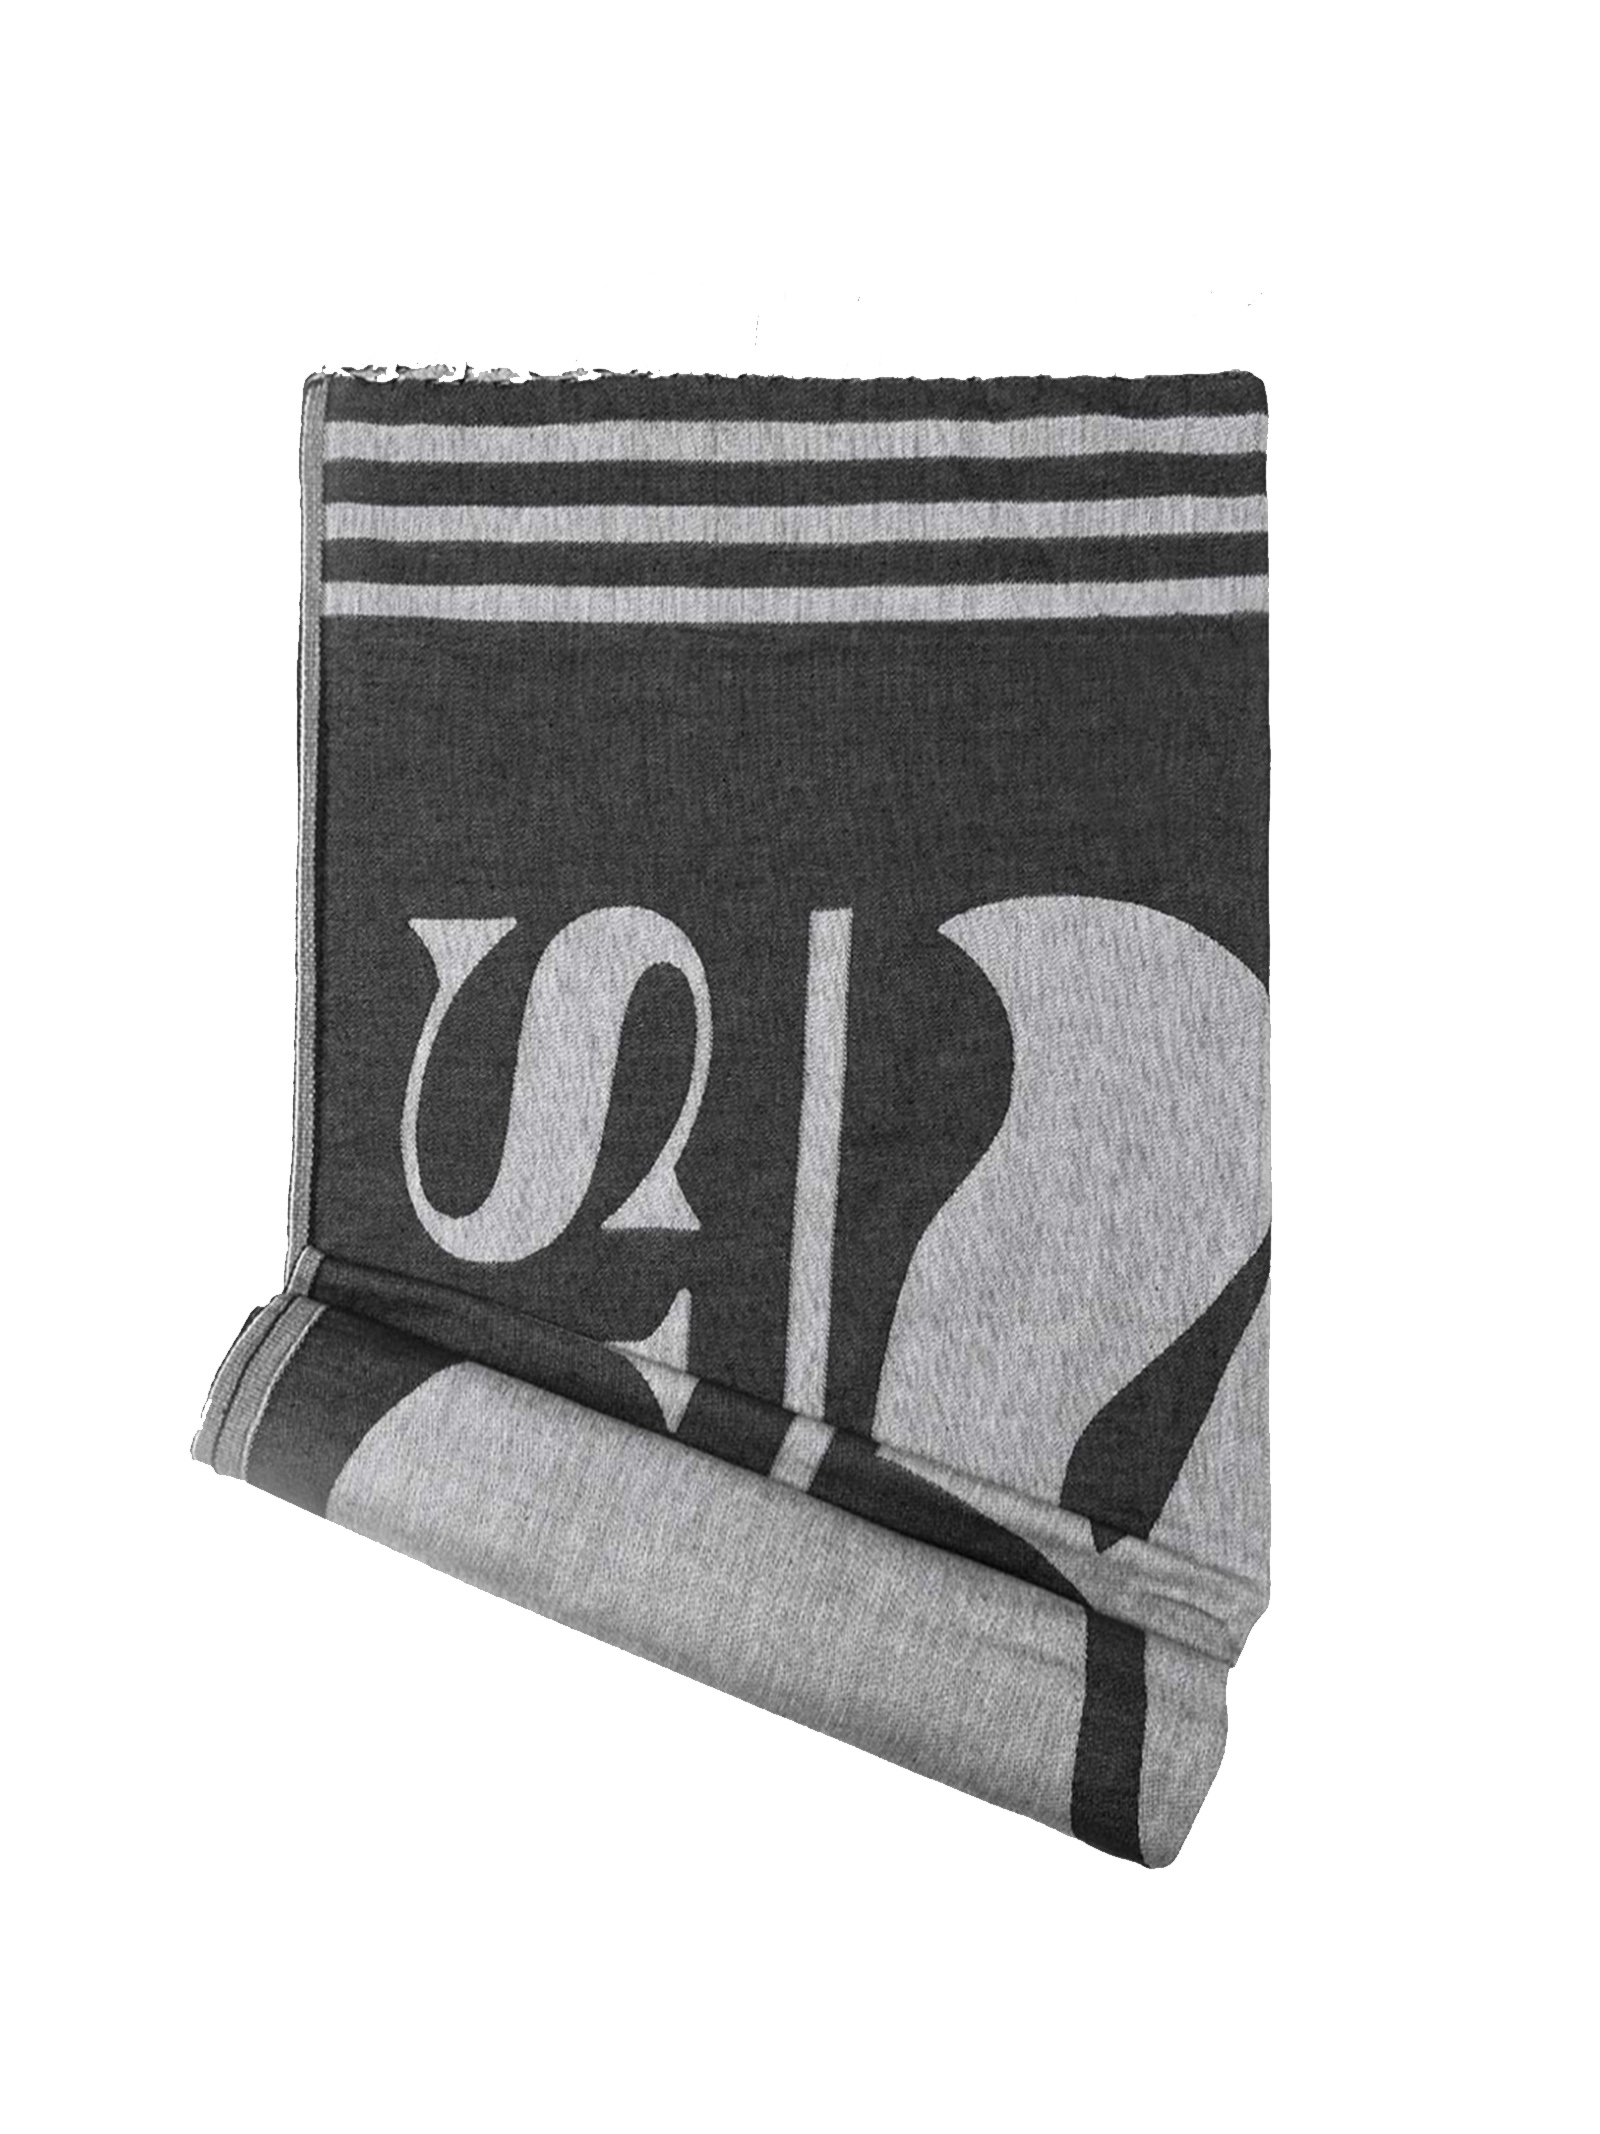 SUNDEK   Key-towel   AM401ATC1000004